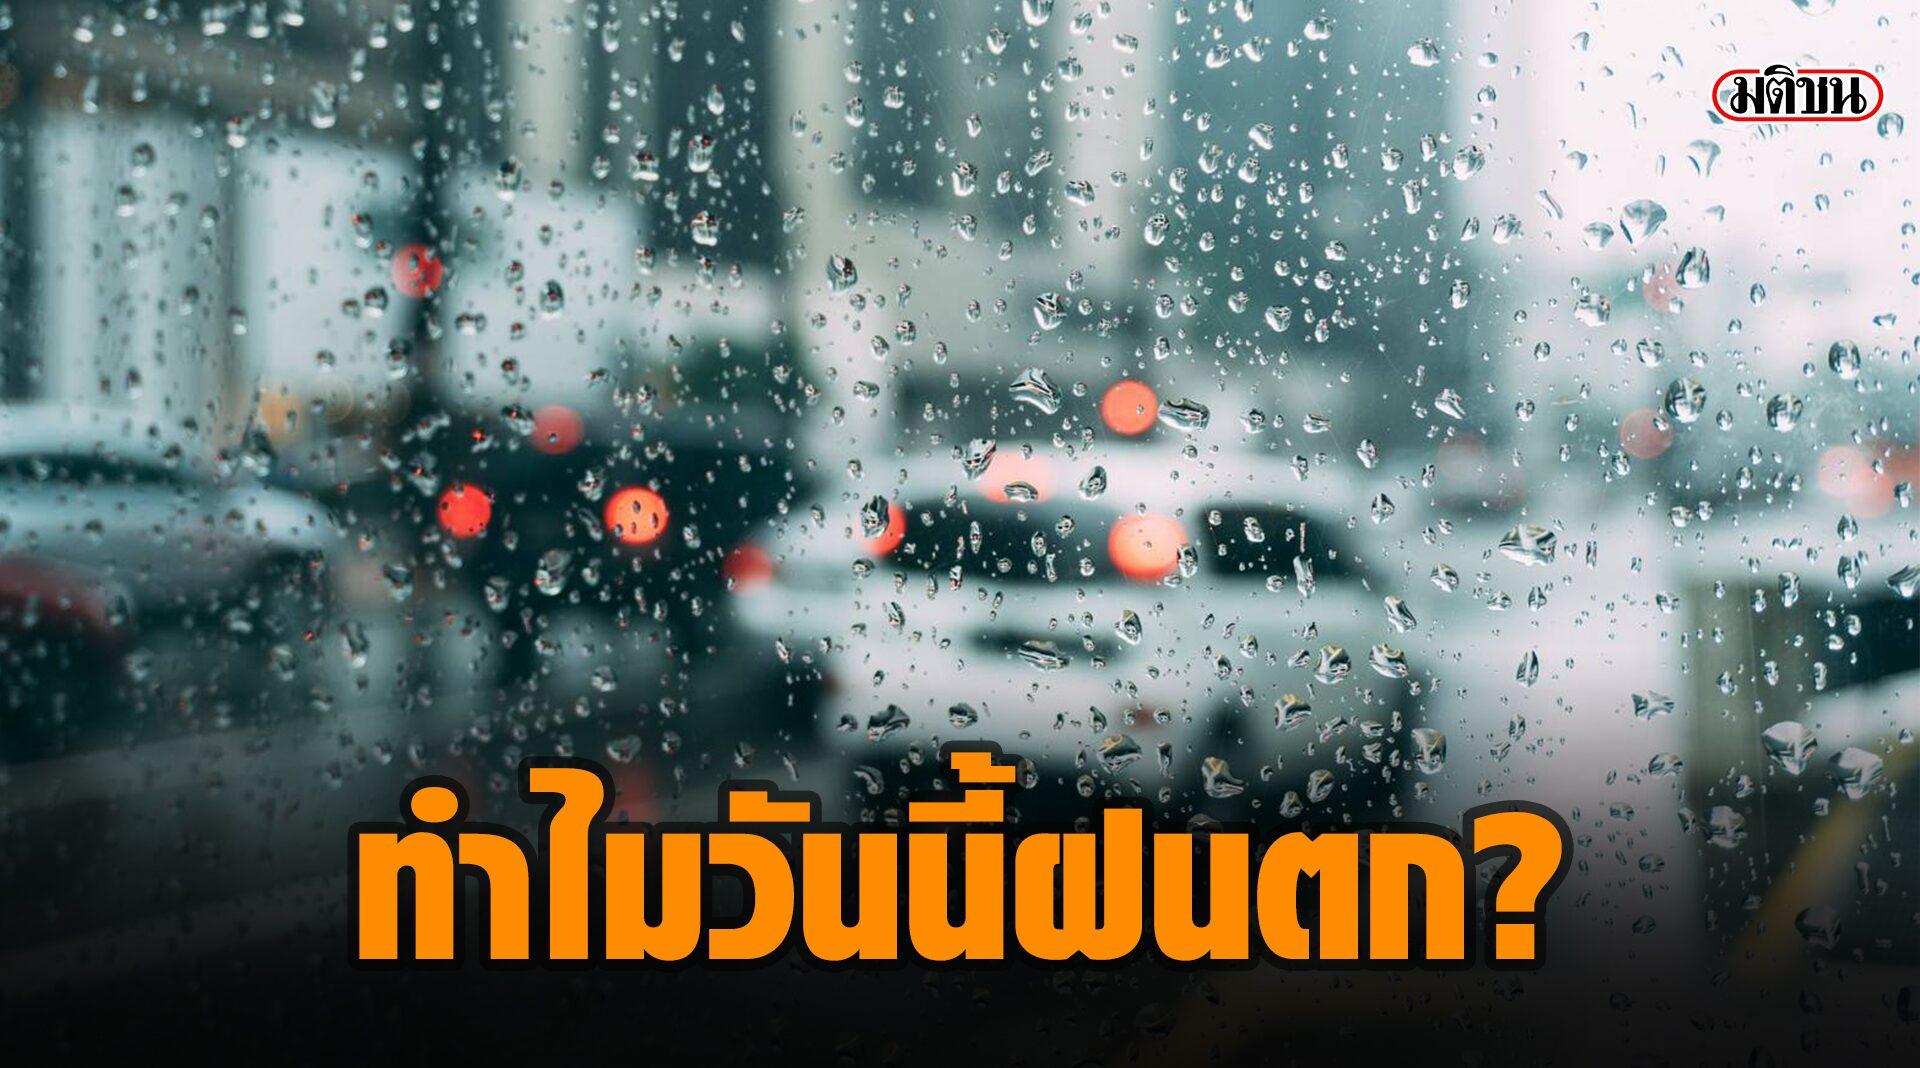 'อุตุฯ' ตอบข้อสงสัย ทำไมวันนี้ฝนตก?